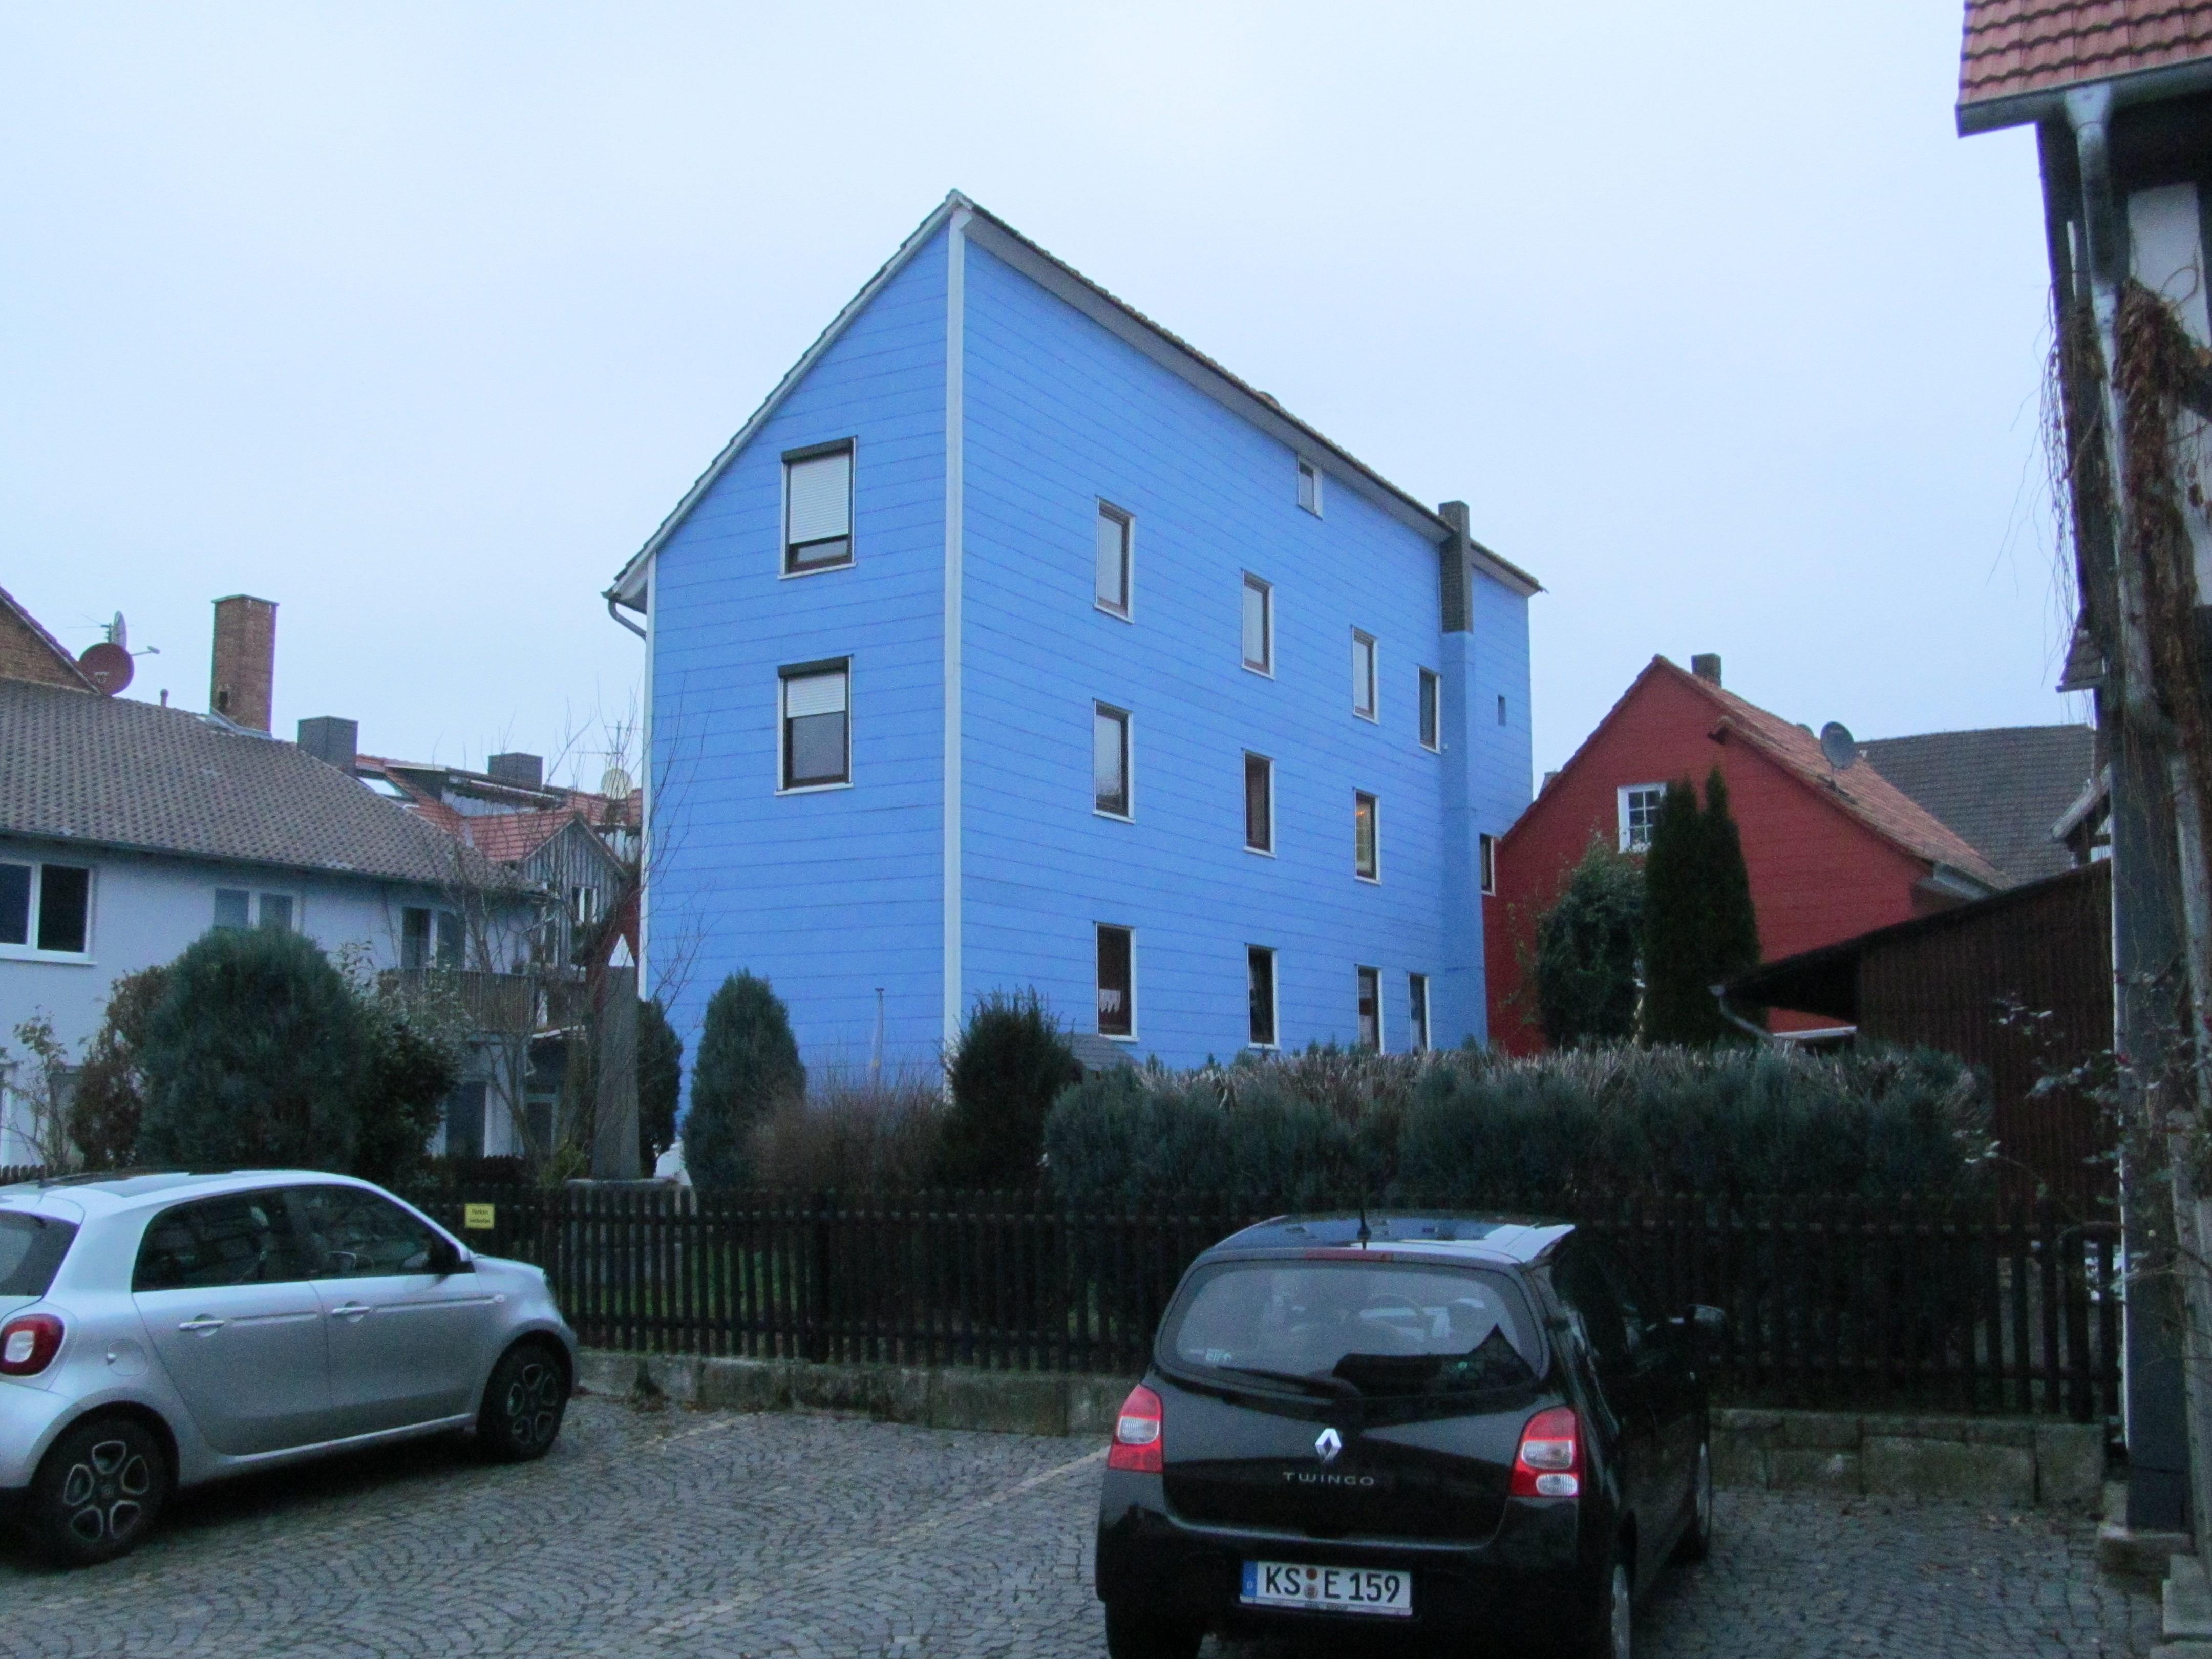 File:Leipziger Straße 492, 2, Oberkaufungen, Kaufungen